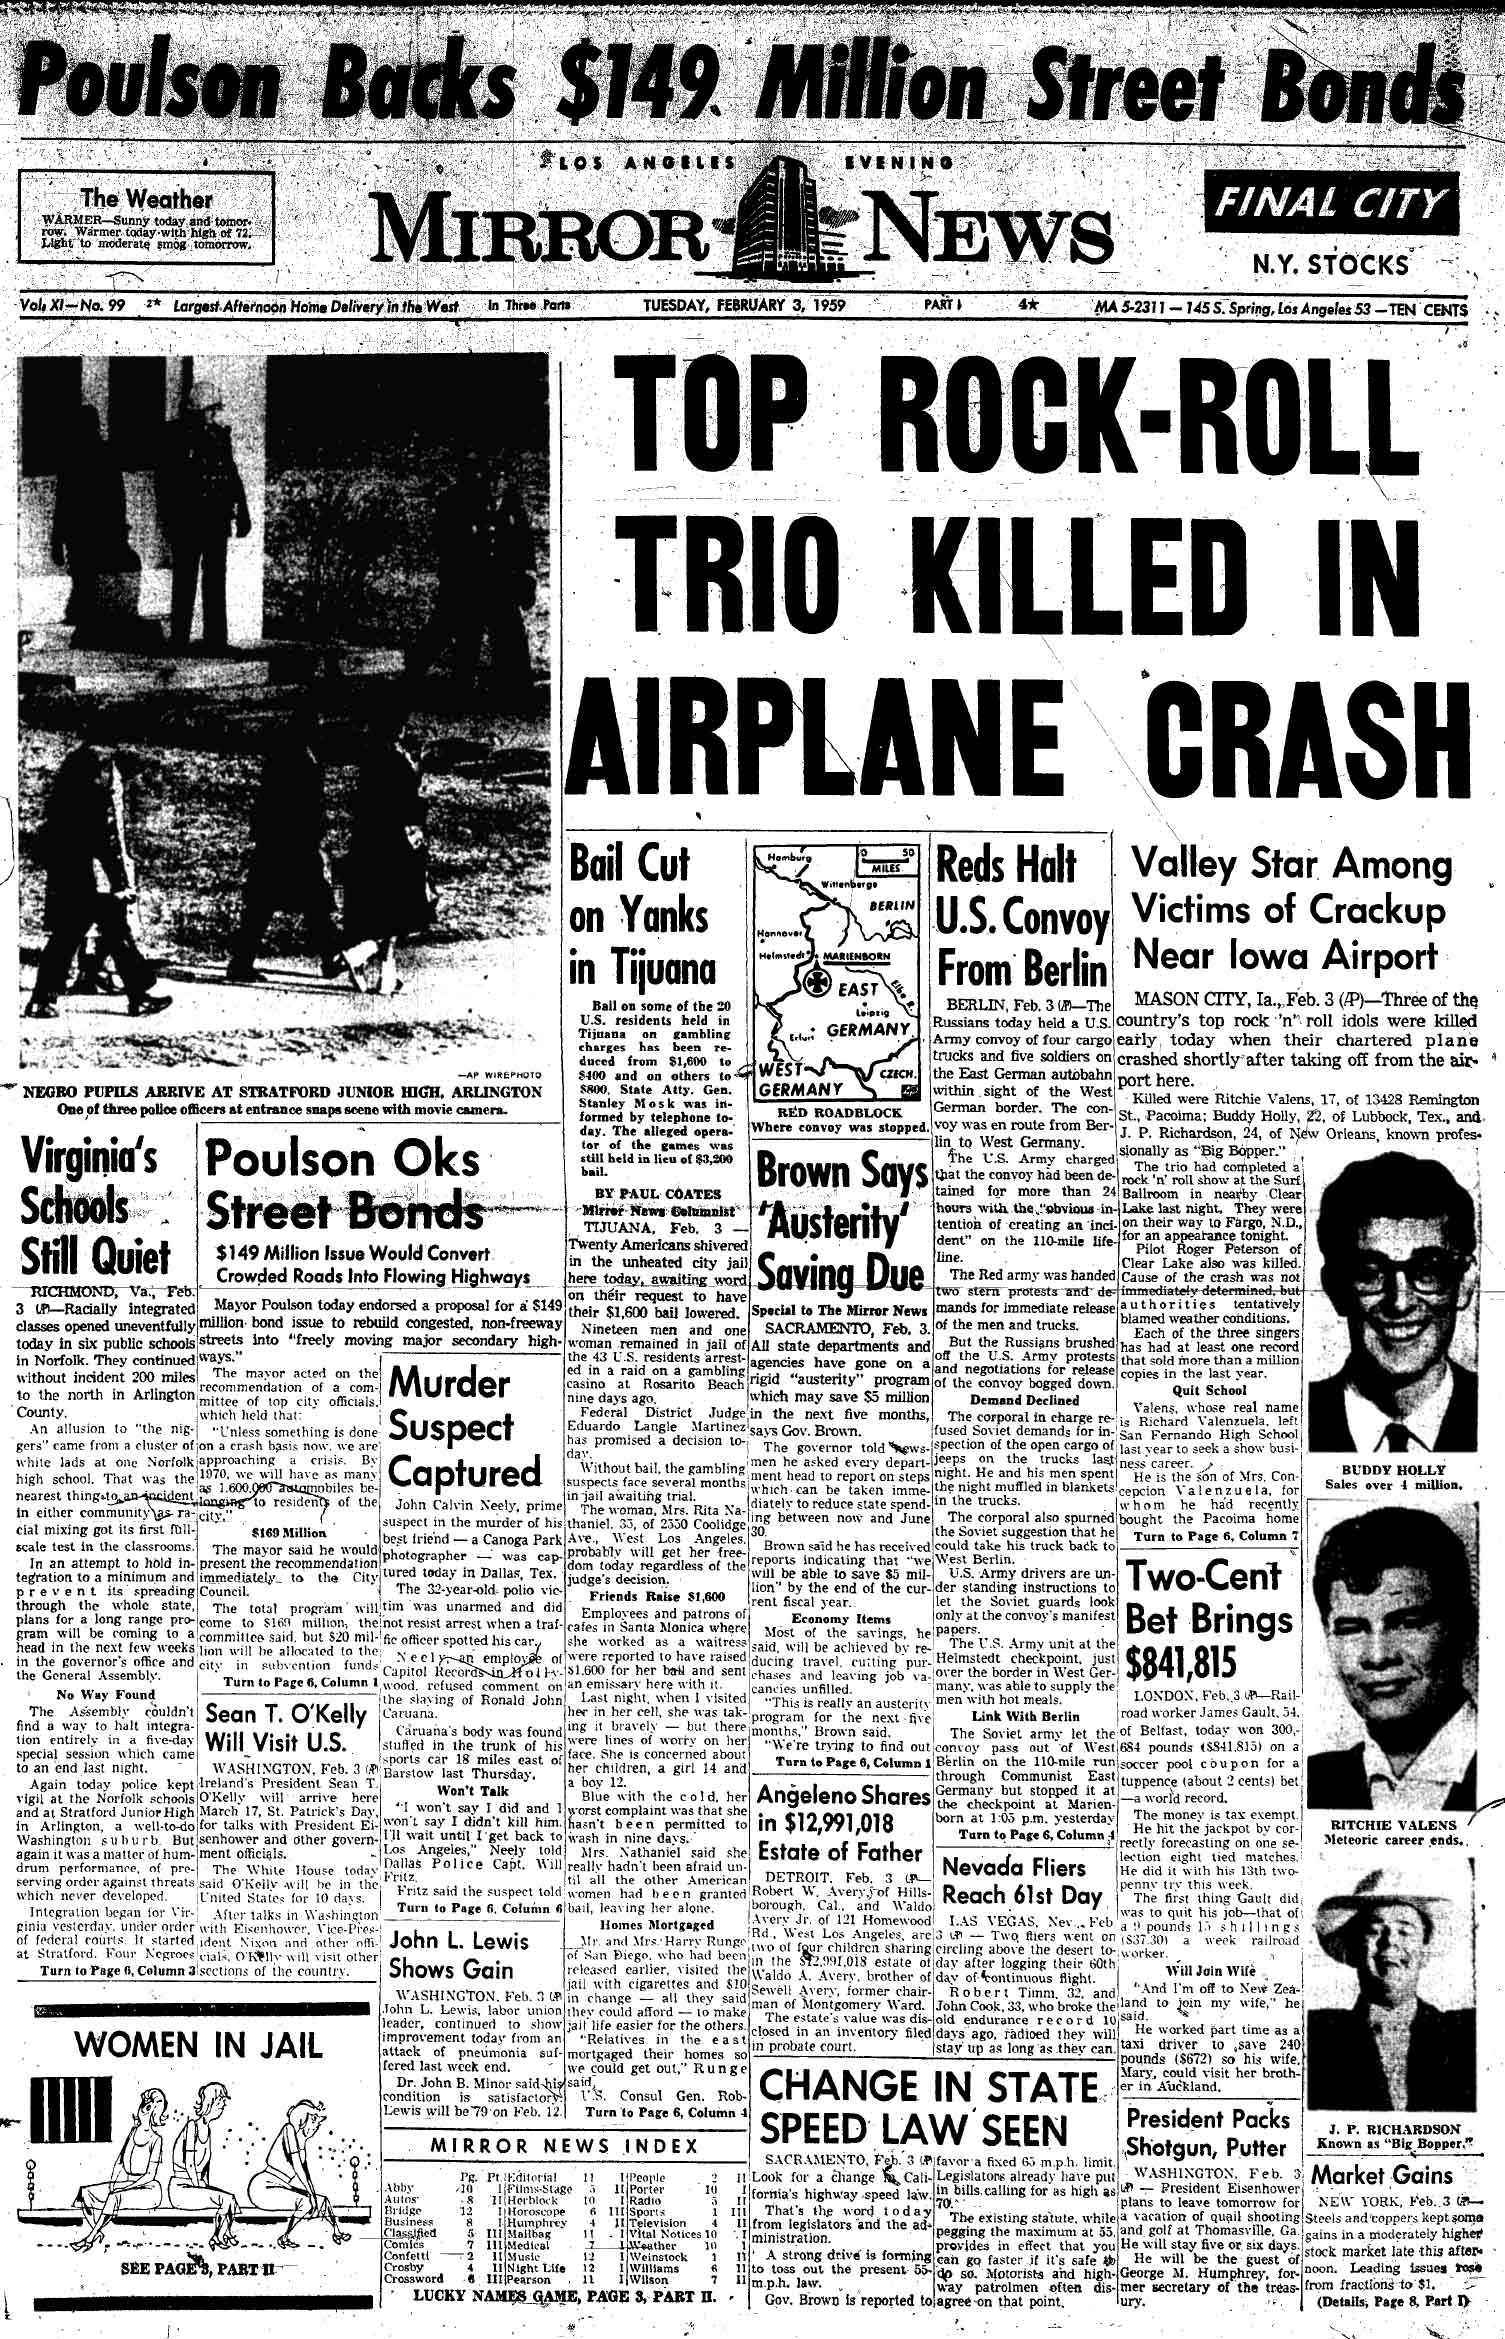 O dia em que a música morreu: Buddy Holly, Richie Valens e Big Bopper